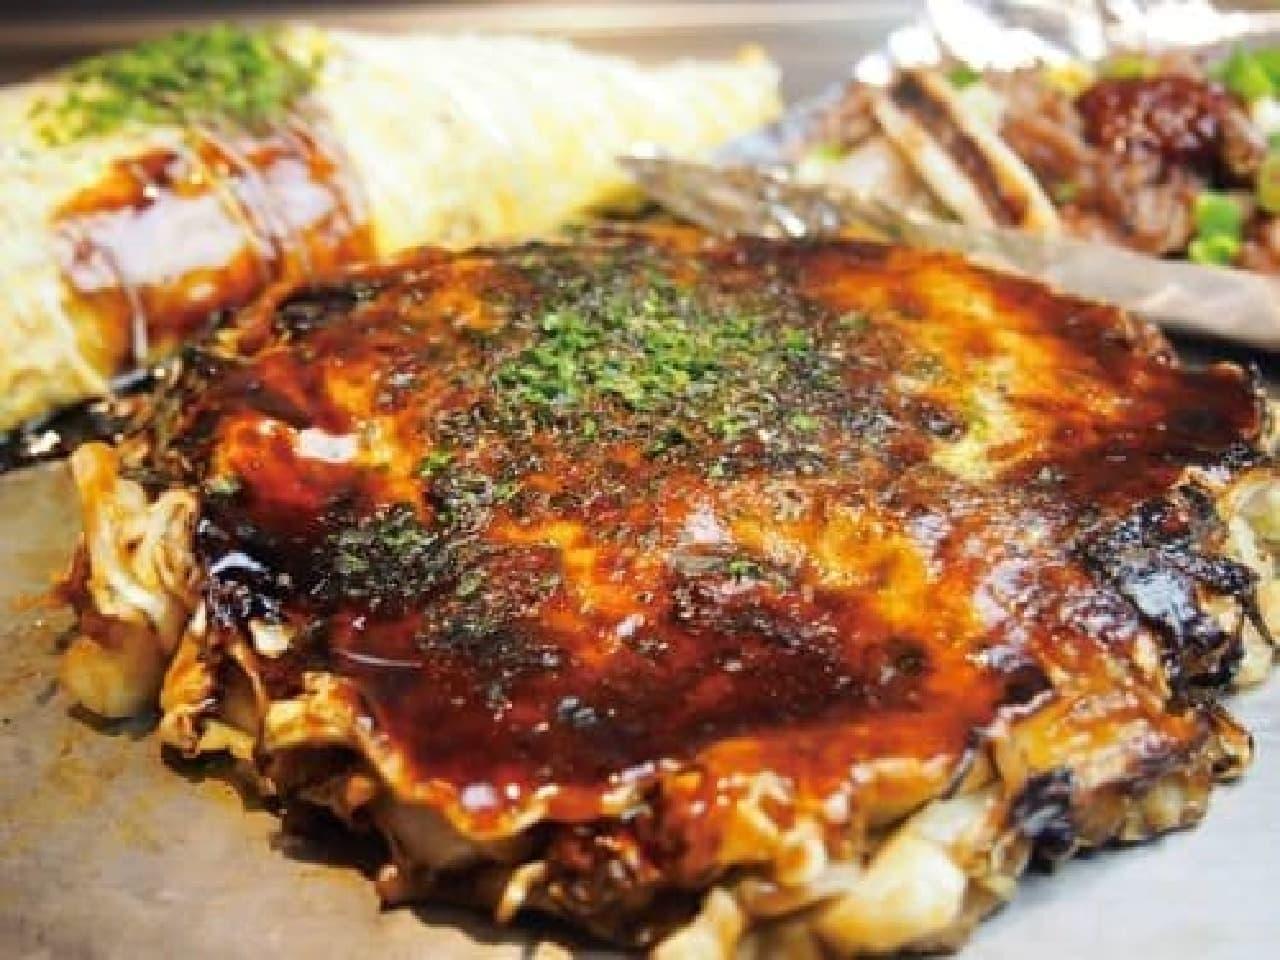 「100円」でランチが食べられる!?  (画像:ぎゅんた「ぎゅんた焼き(いか牛すじかす玉)」